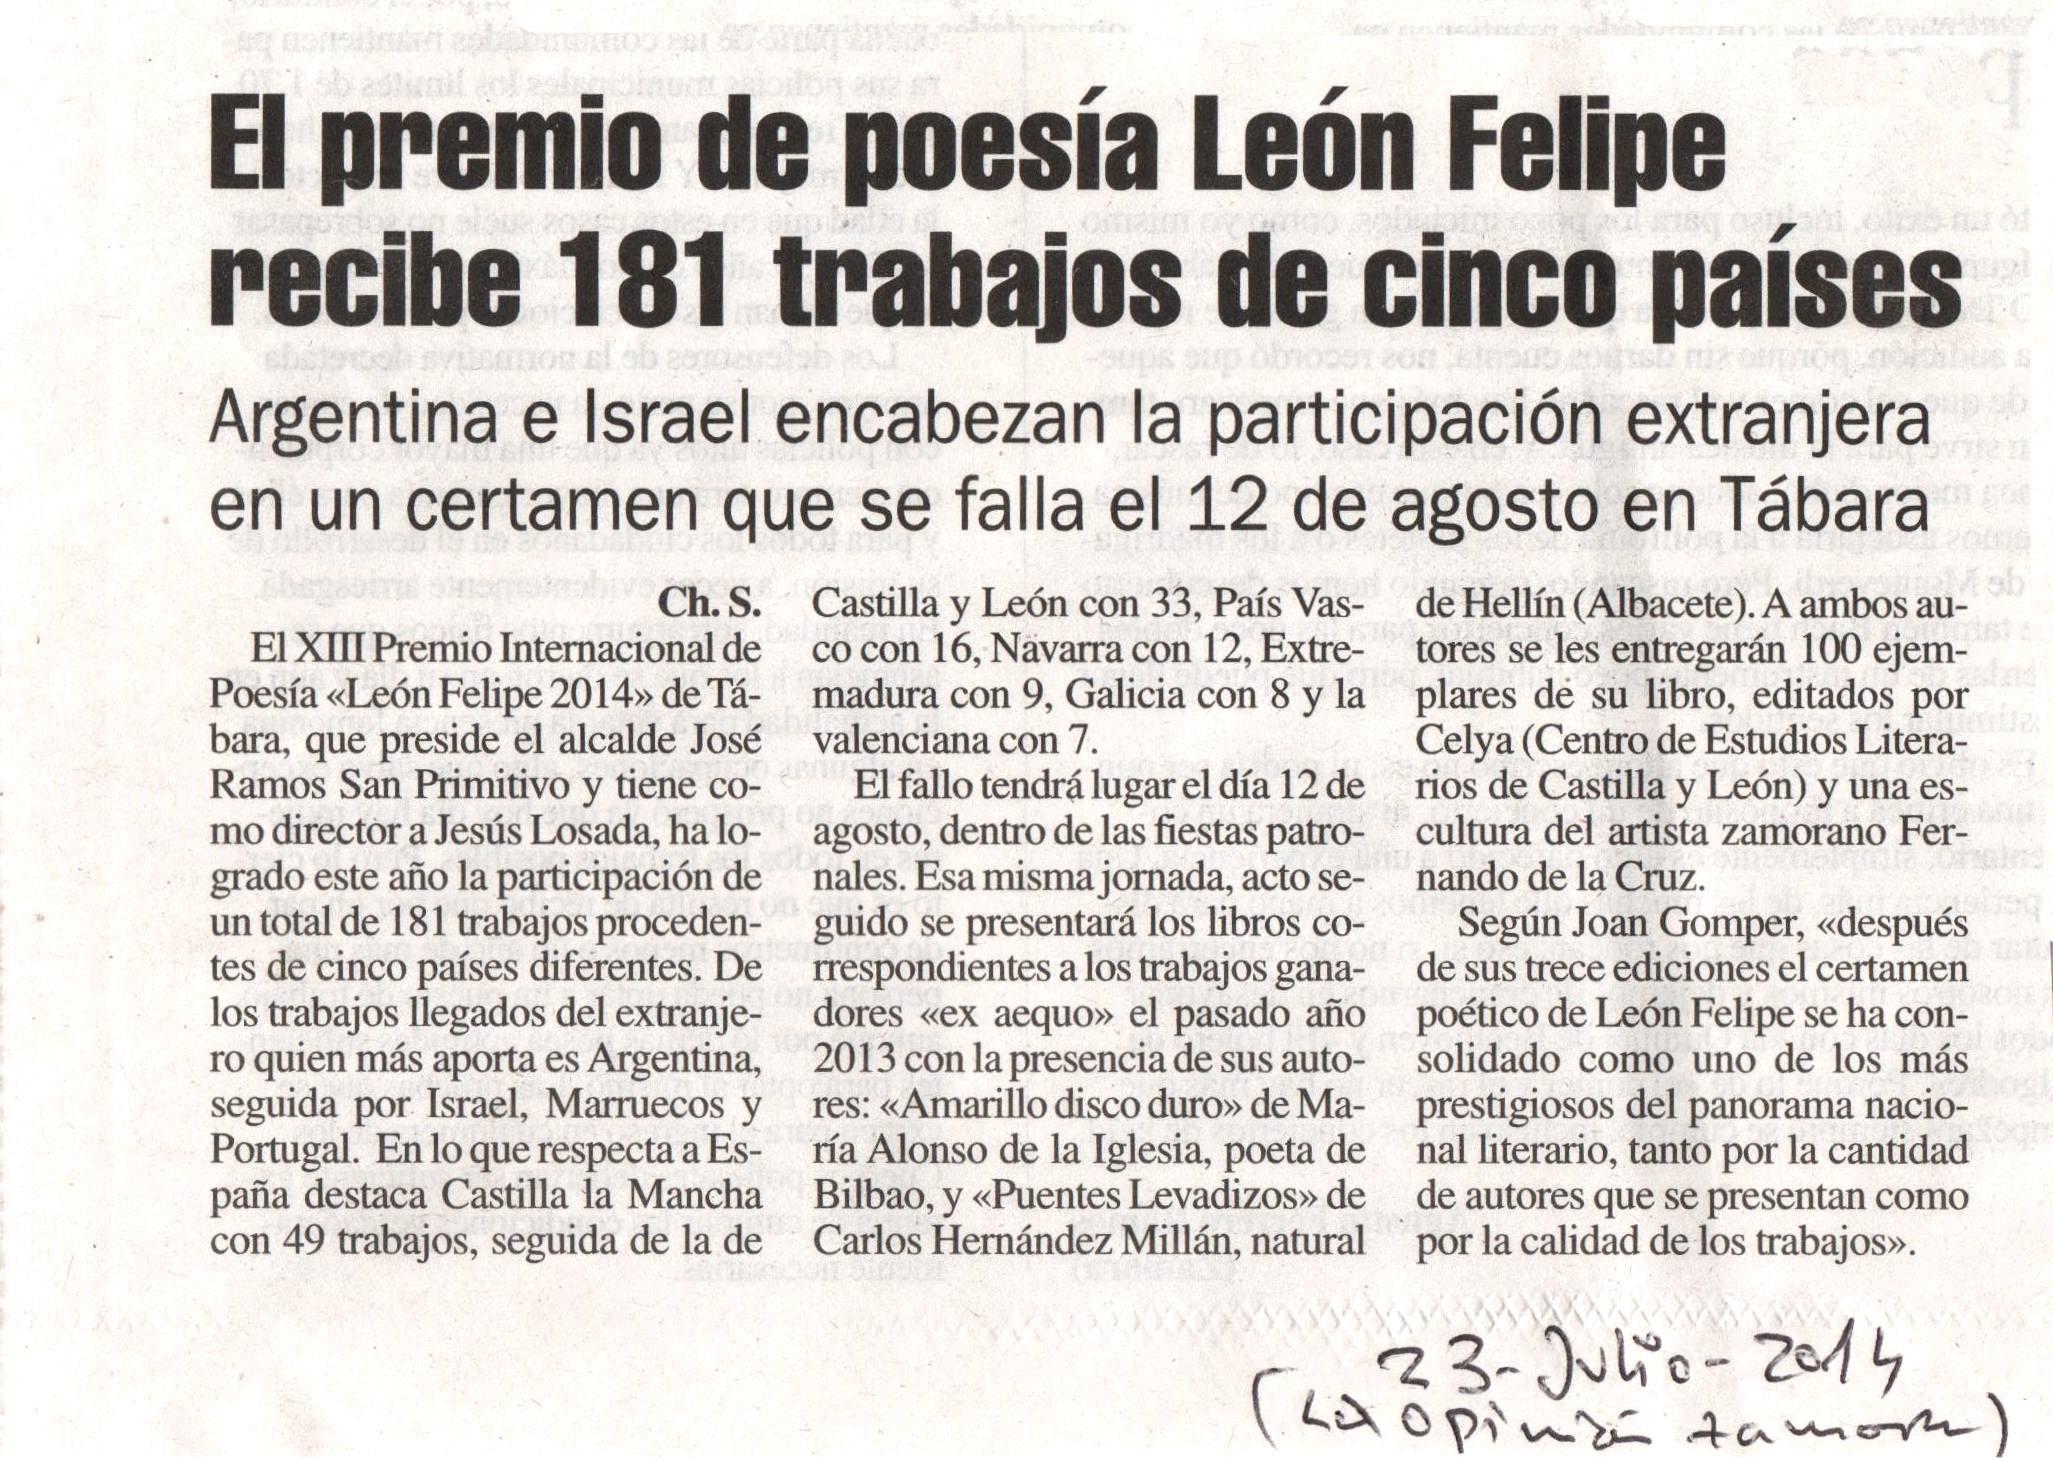 LA OPINIÓN DE ZAMORA : Premio León Felipe 2014